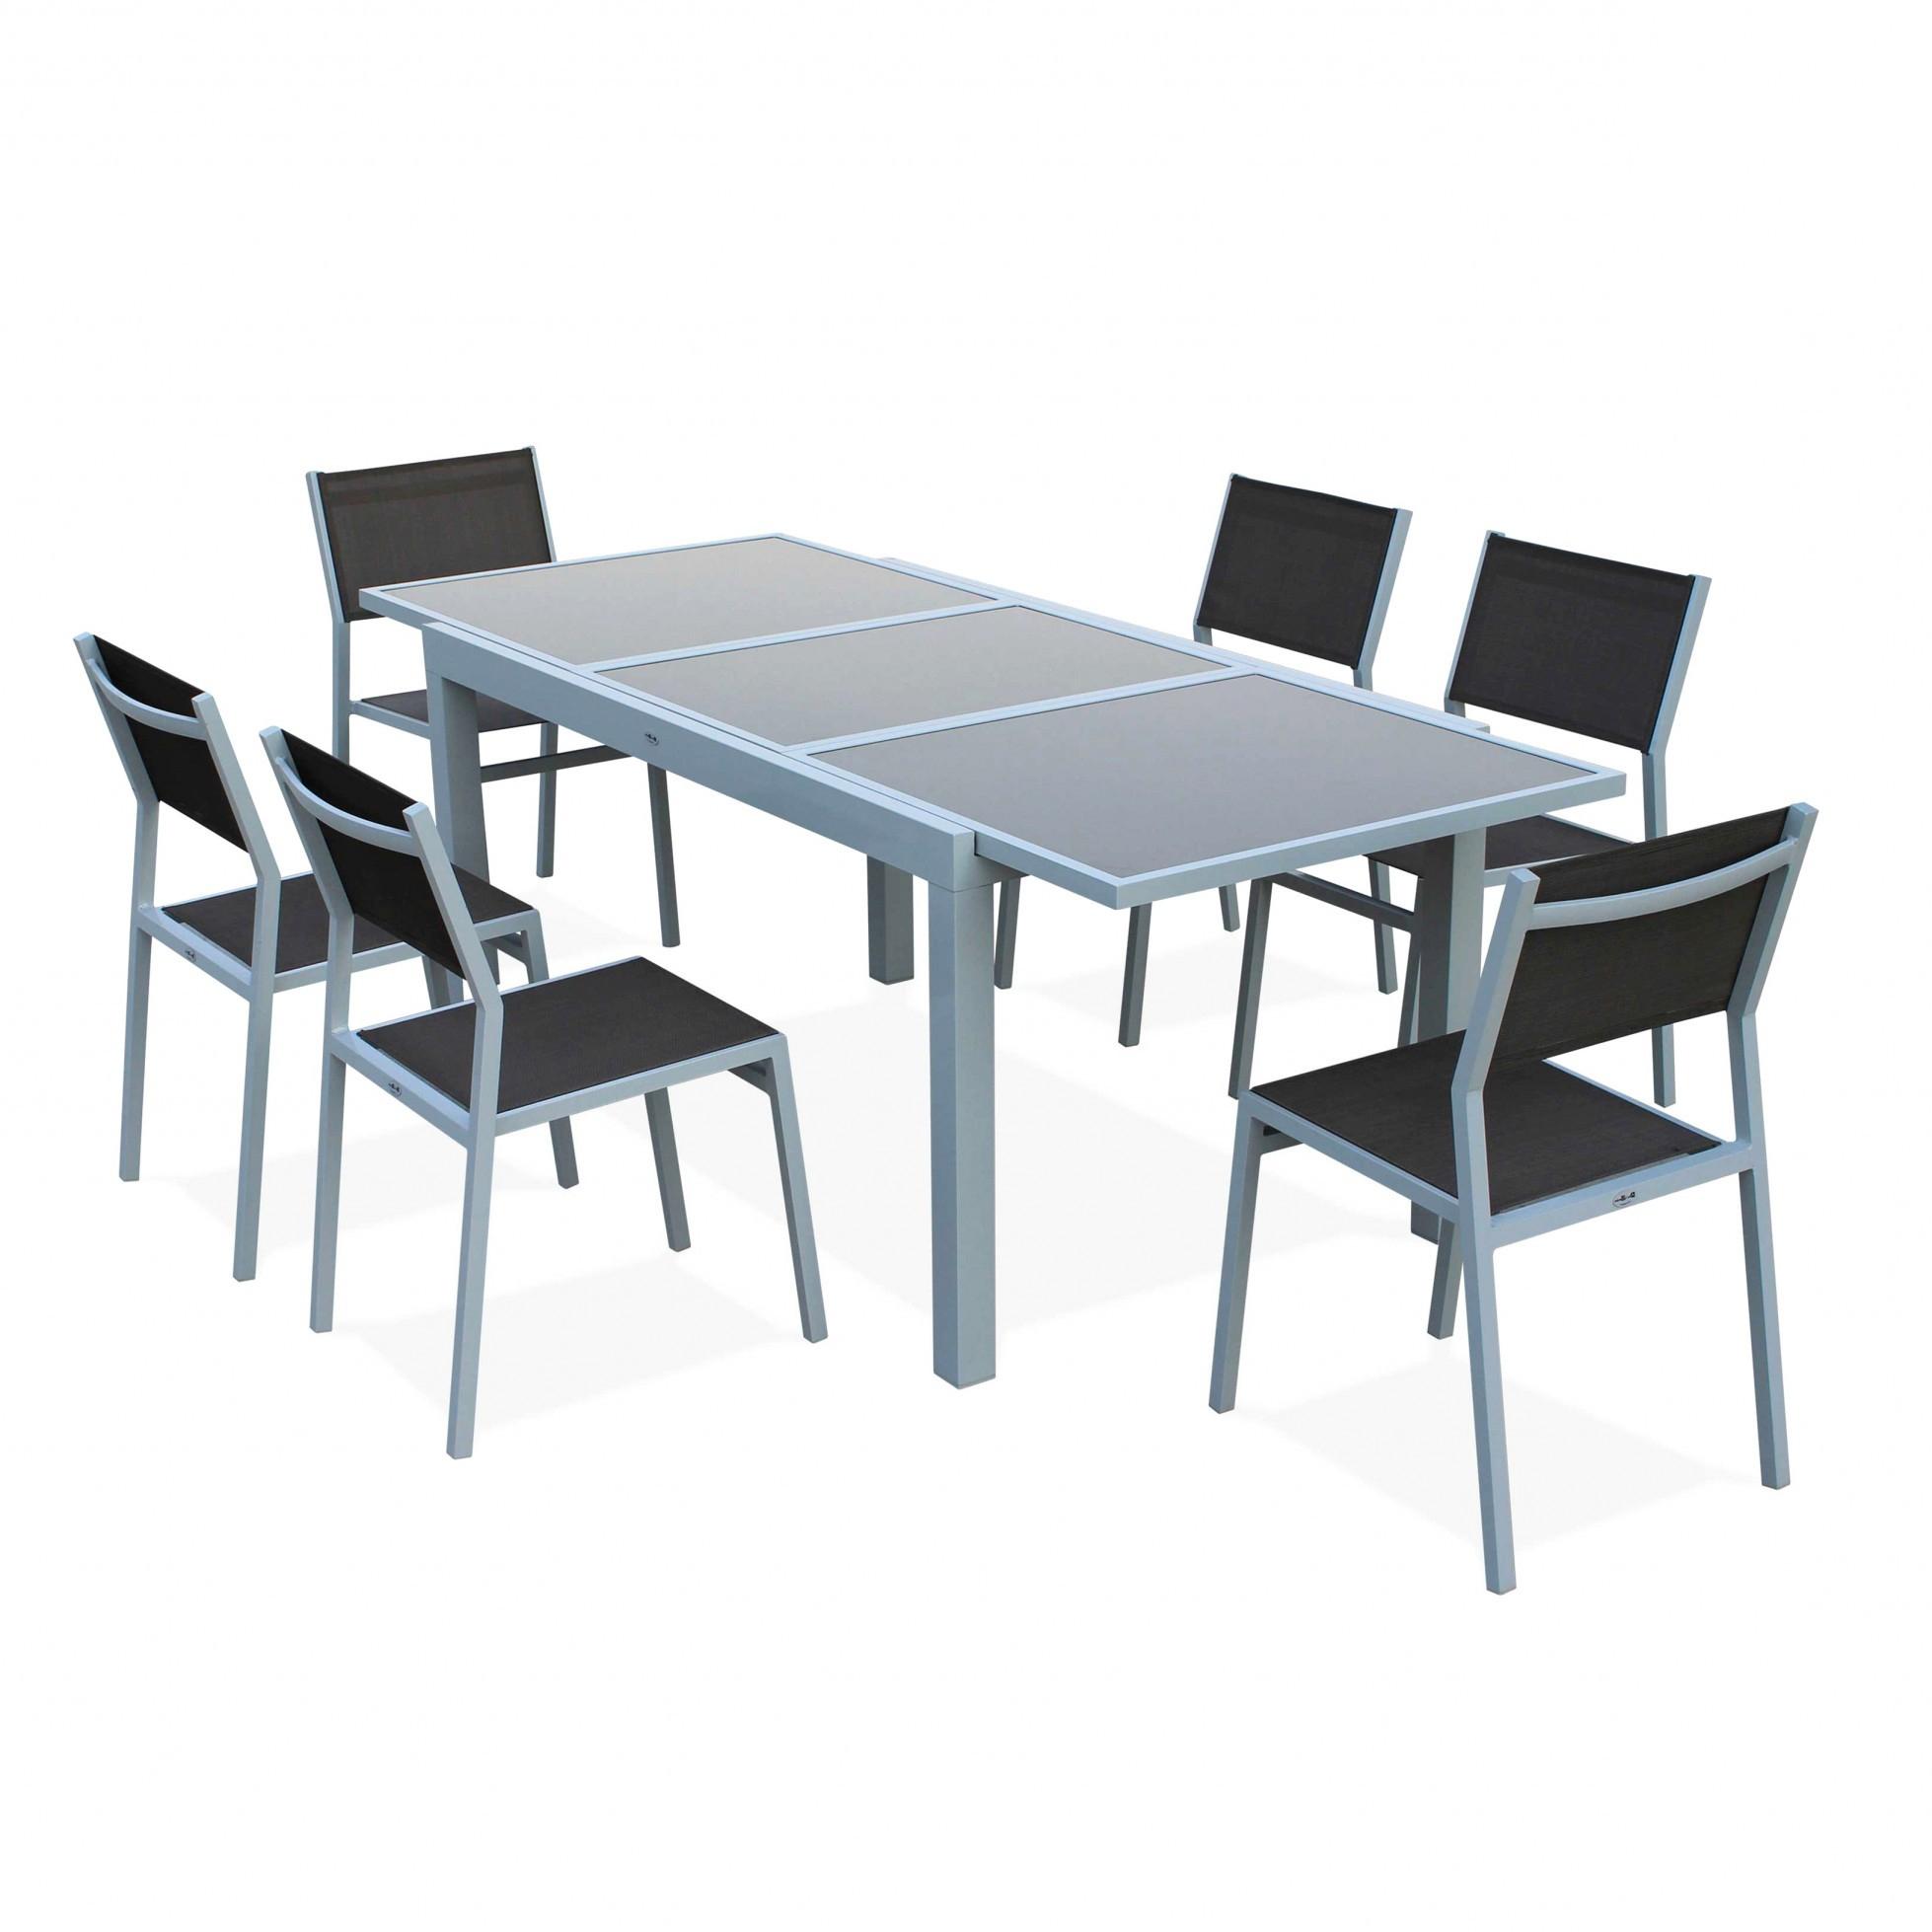 Housse Pour Table De Jardin Leclerc pour Table De Jardin En Resine Tressee Leclerc